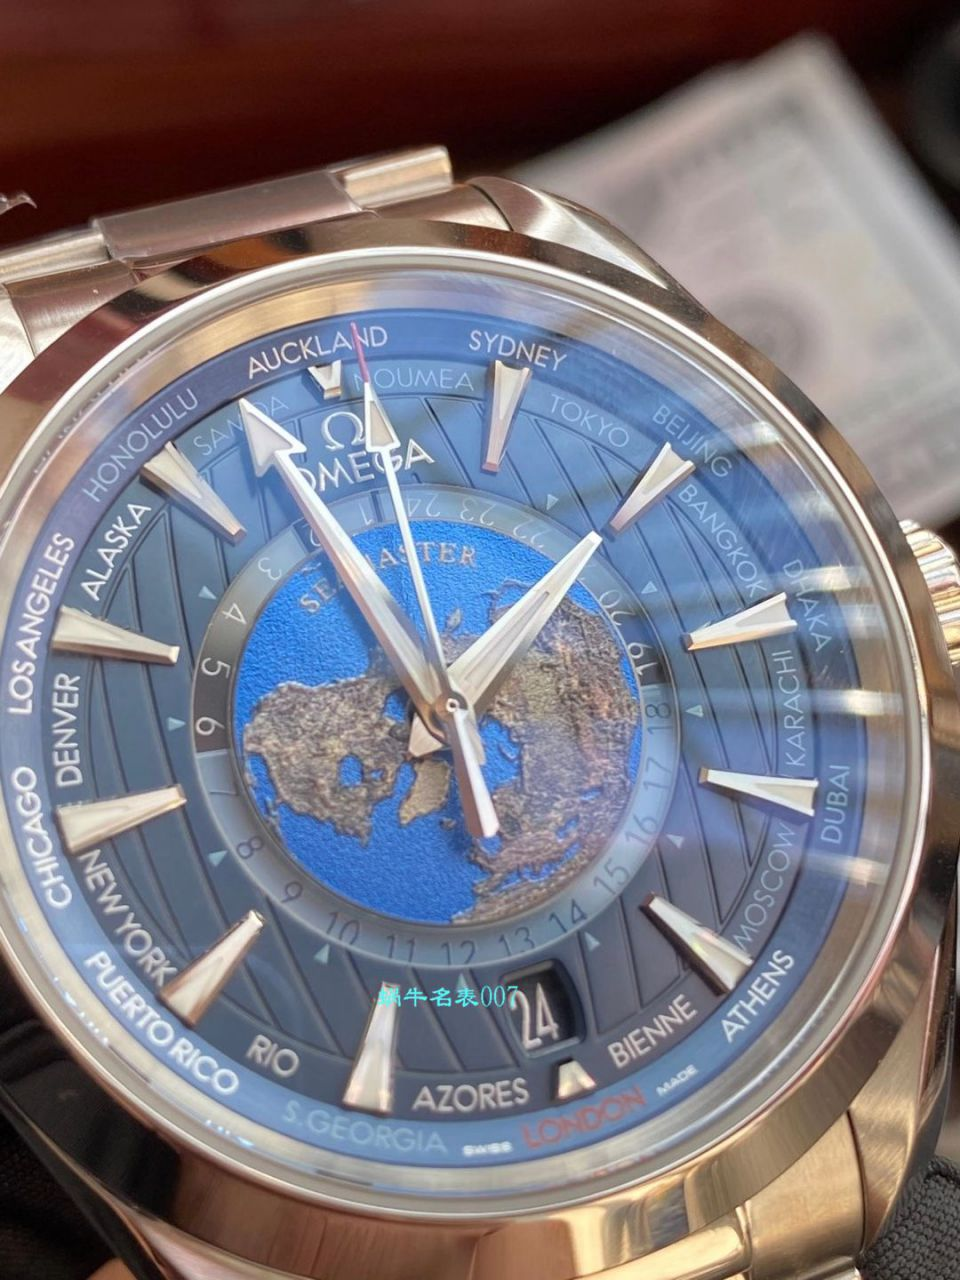 VS厂欧米茄海马150米220.10.43.22.03.001限量版世界时腕表 / VS732